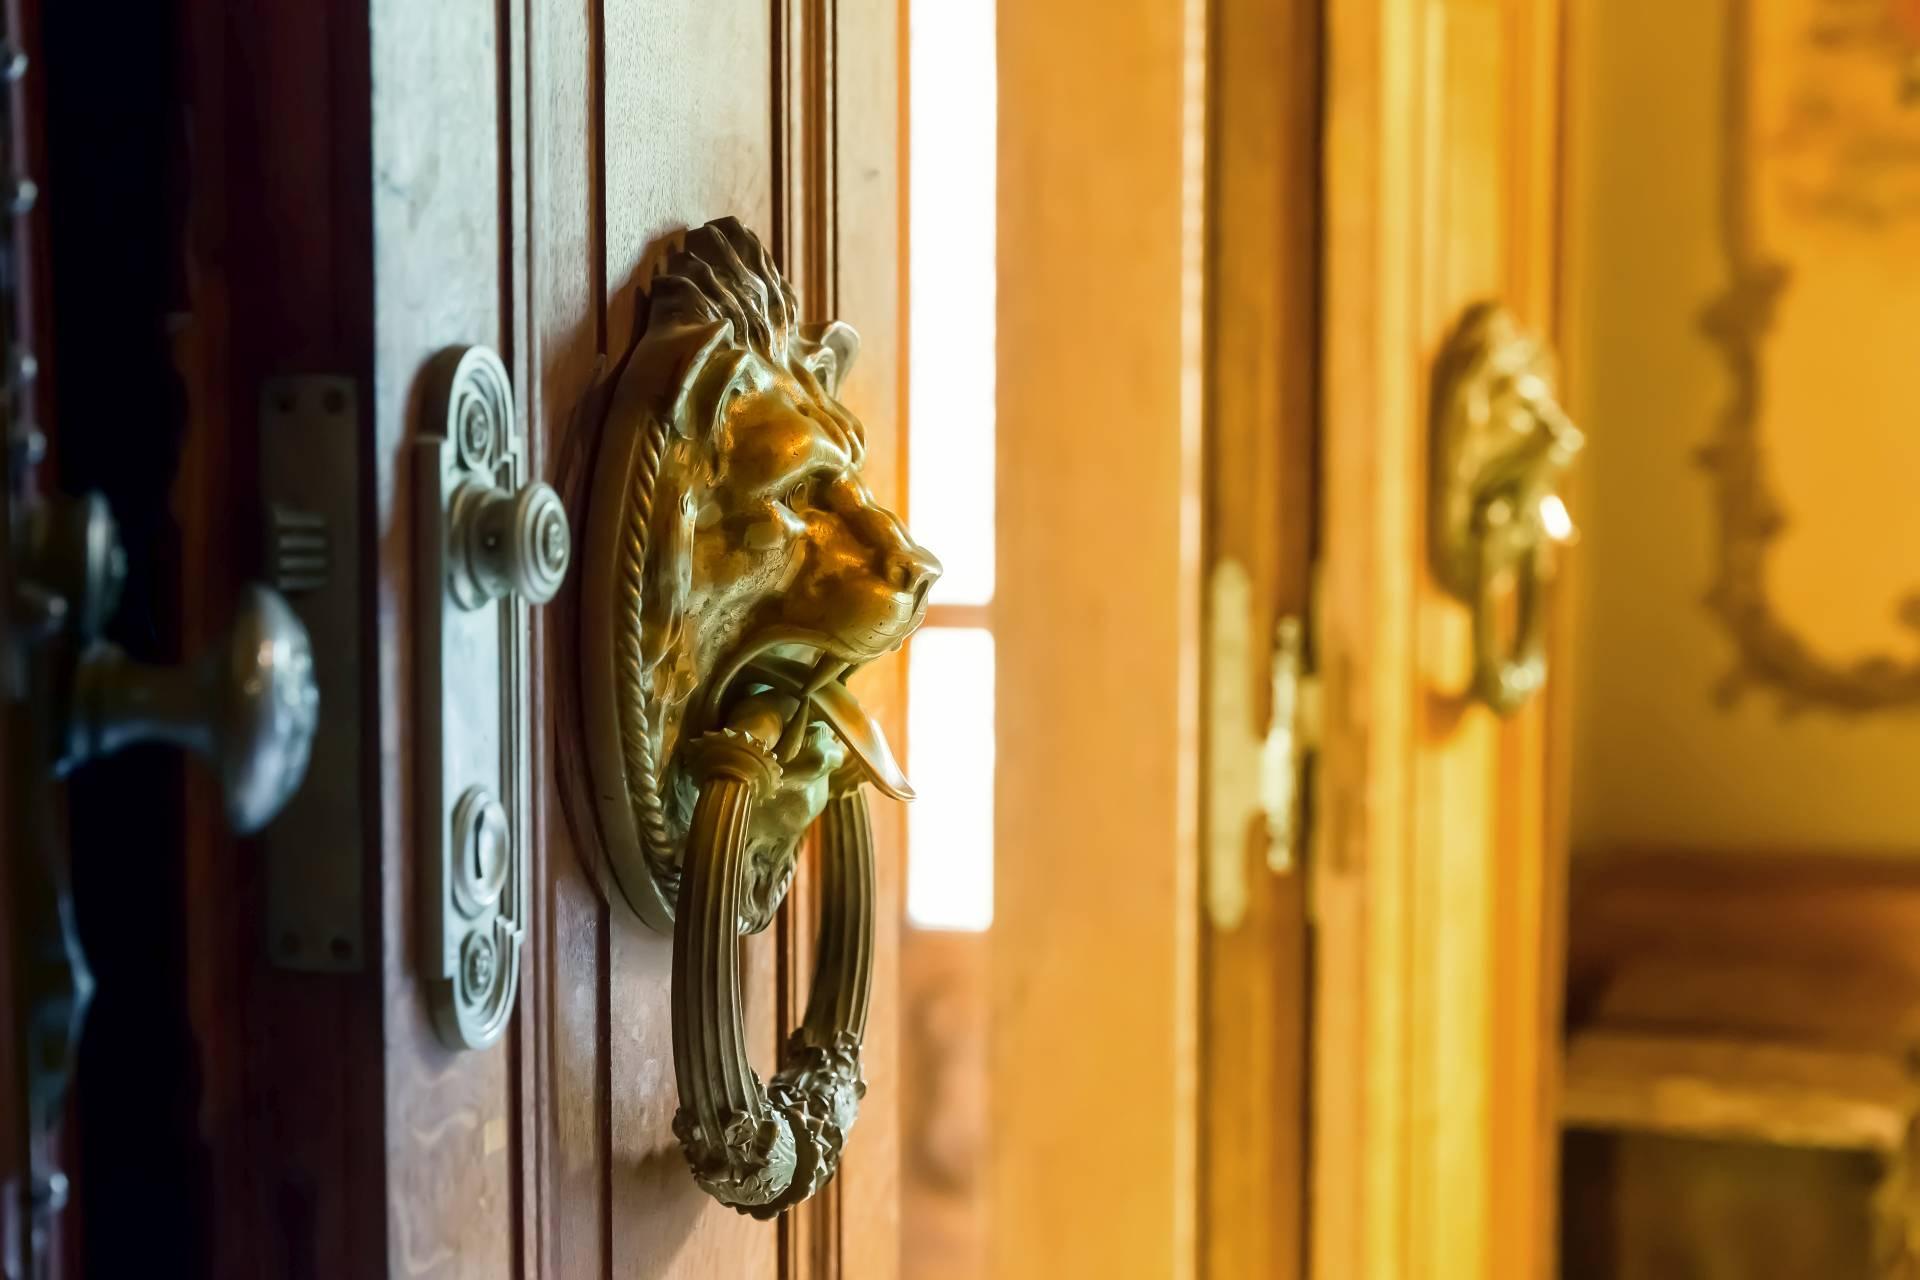 Katera vhodna vrata so najbolj varna?